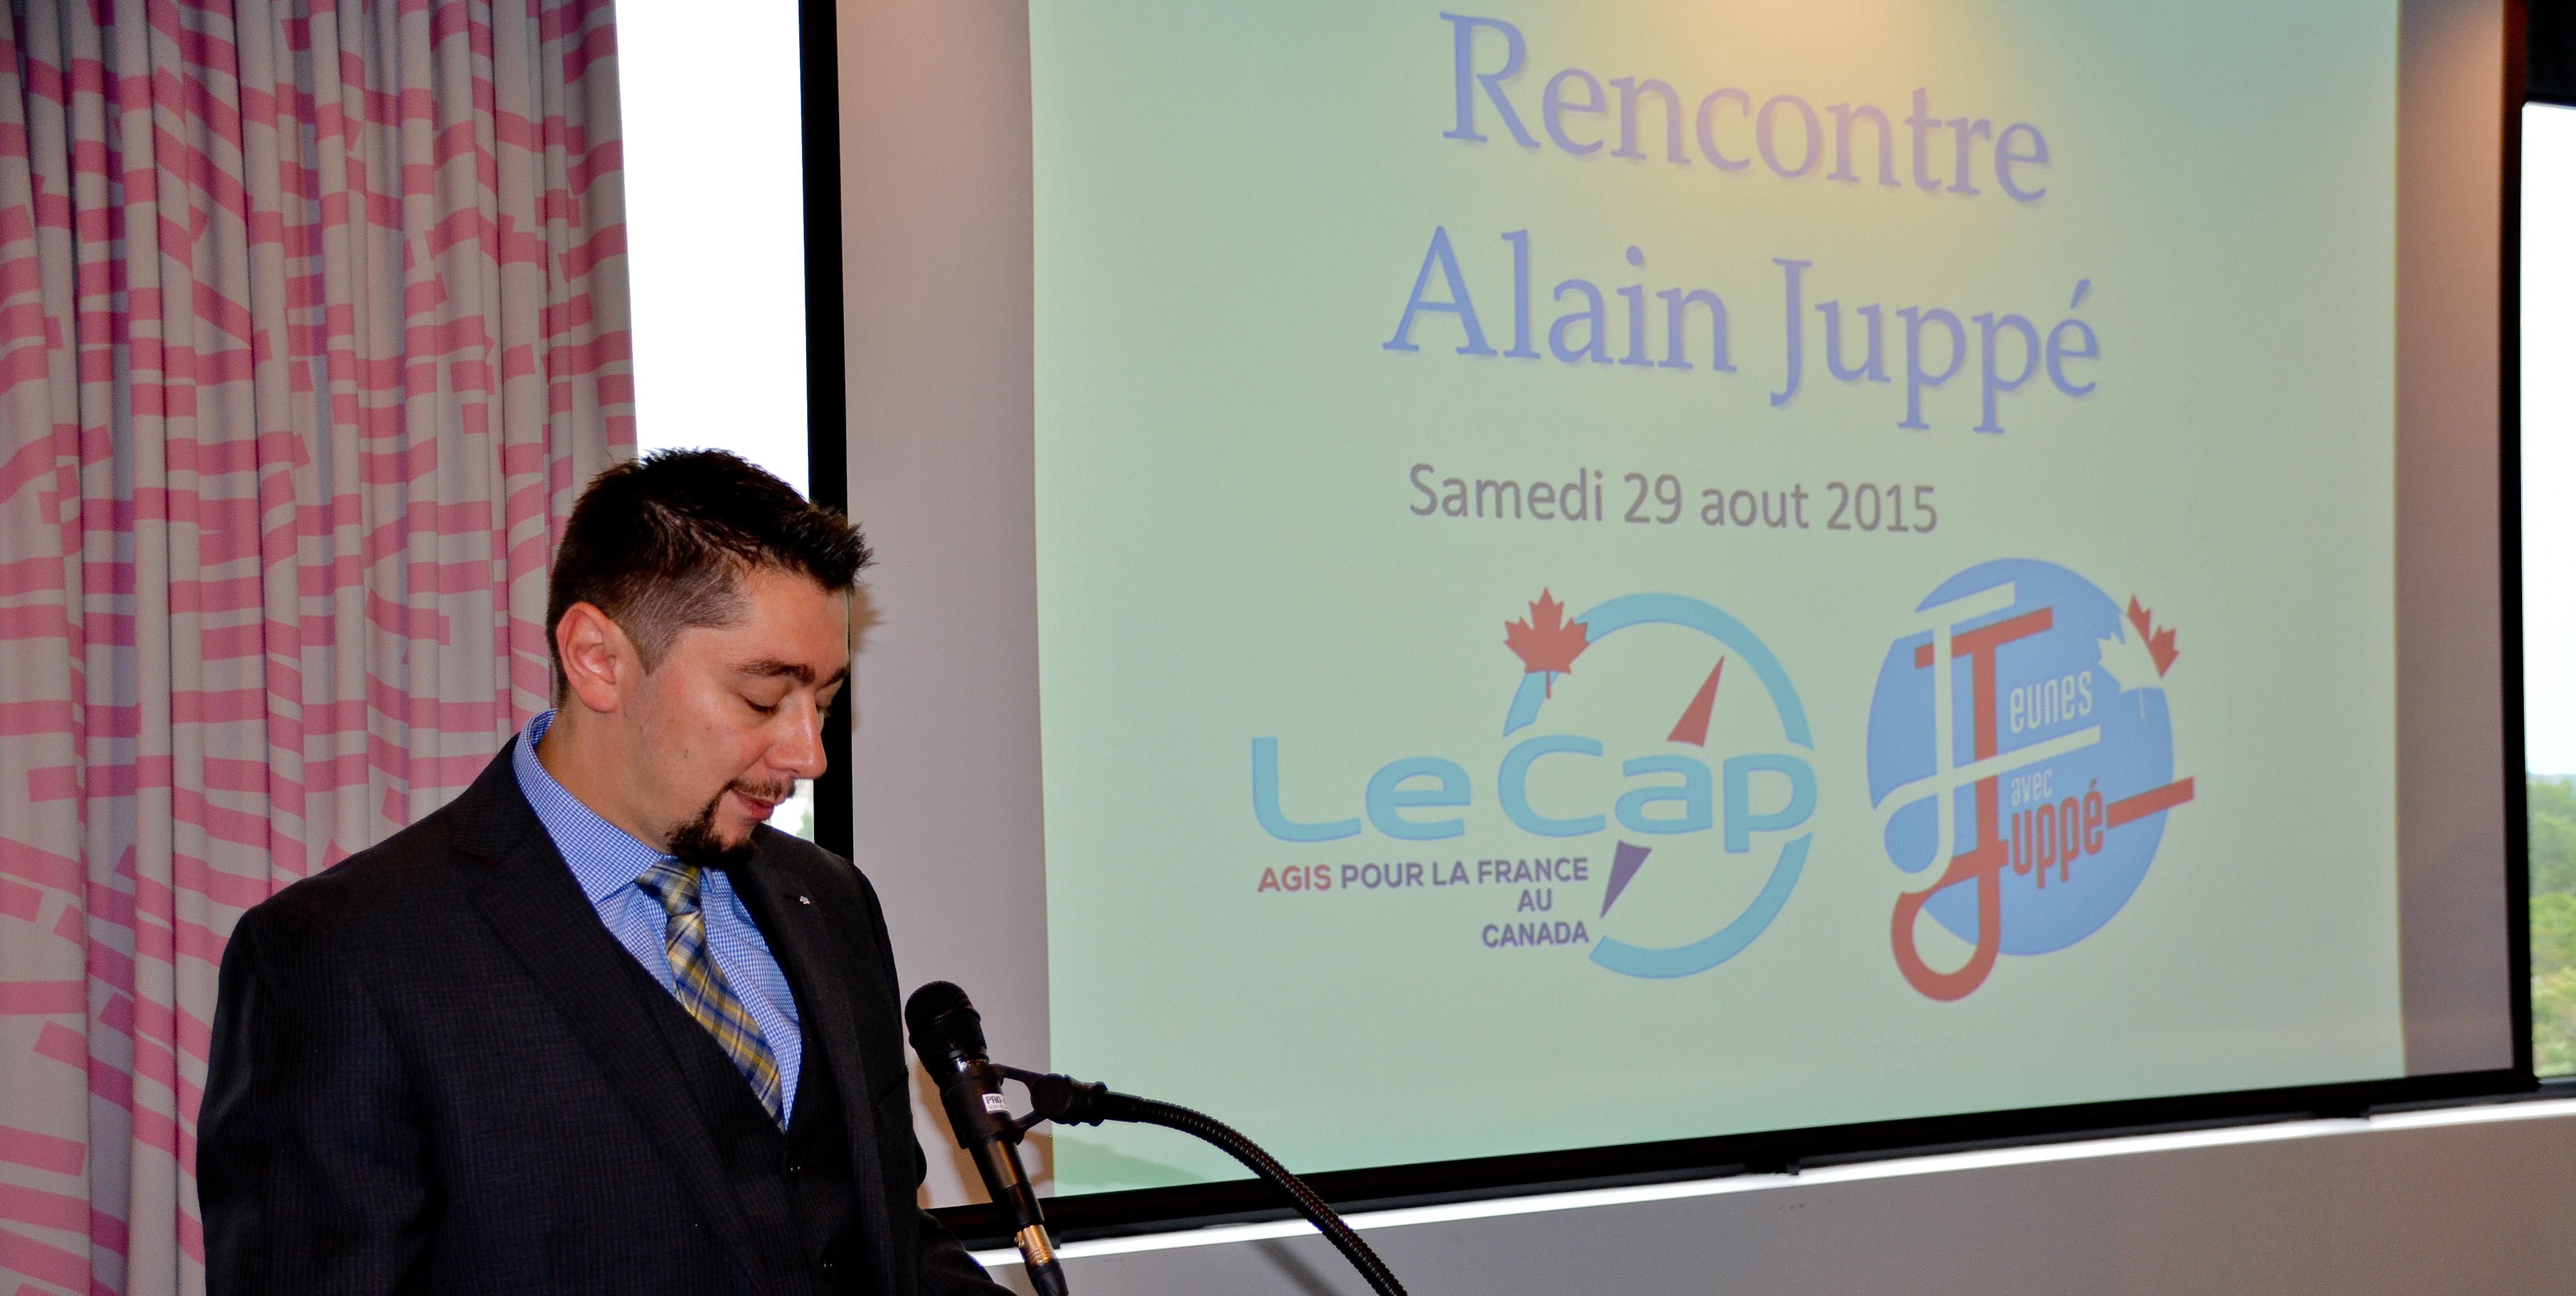 Les Juppéistes de Montréal appellent à voter pour le macroniste Roland Lescure